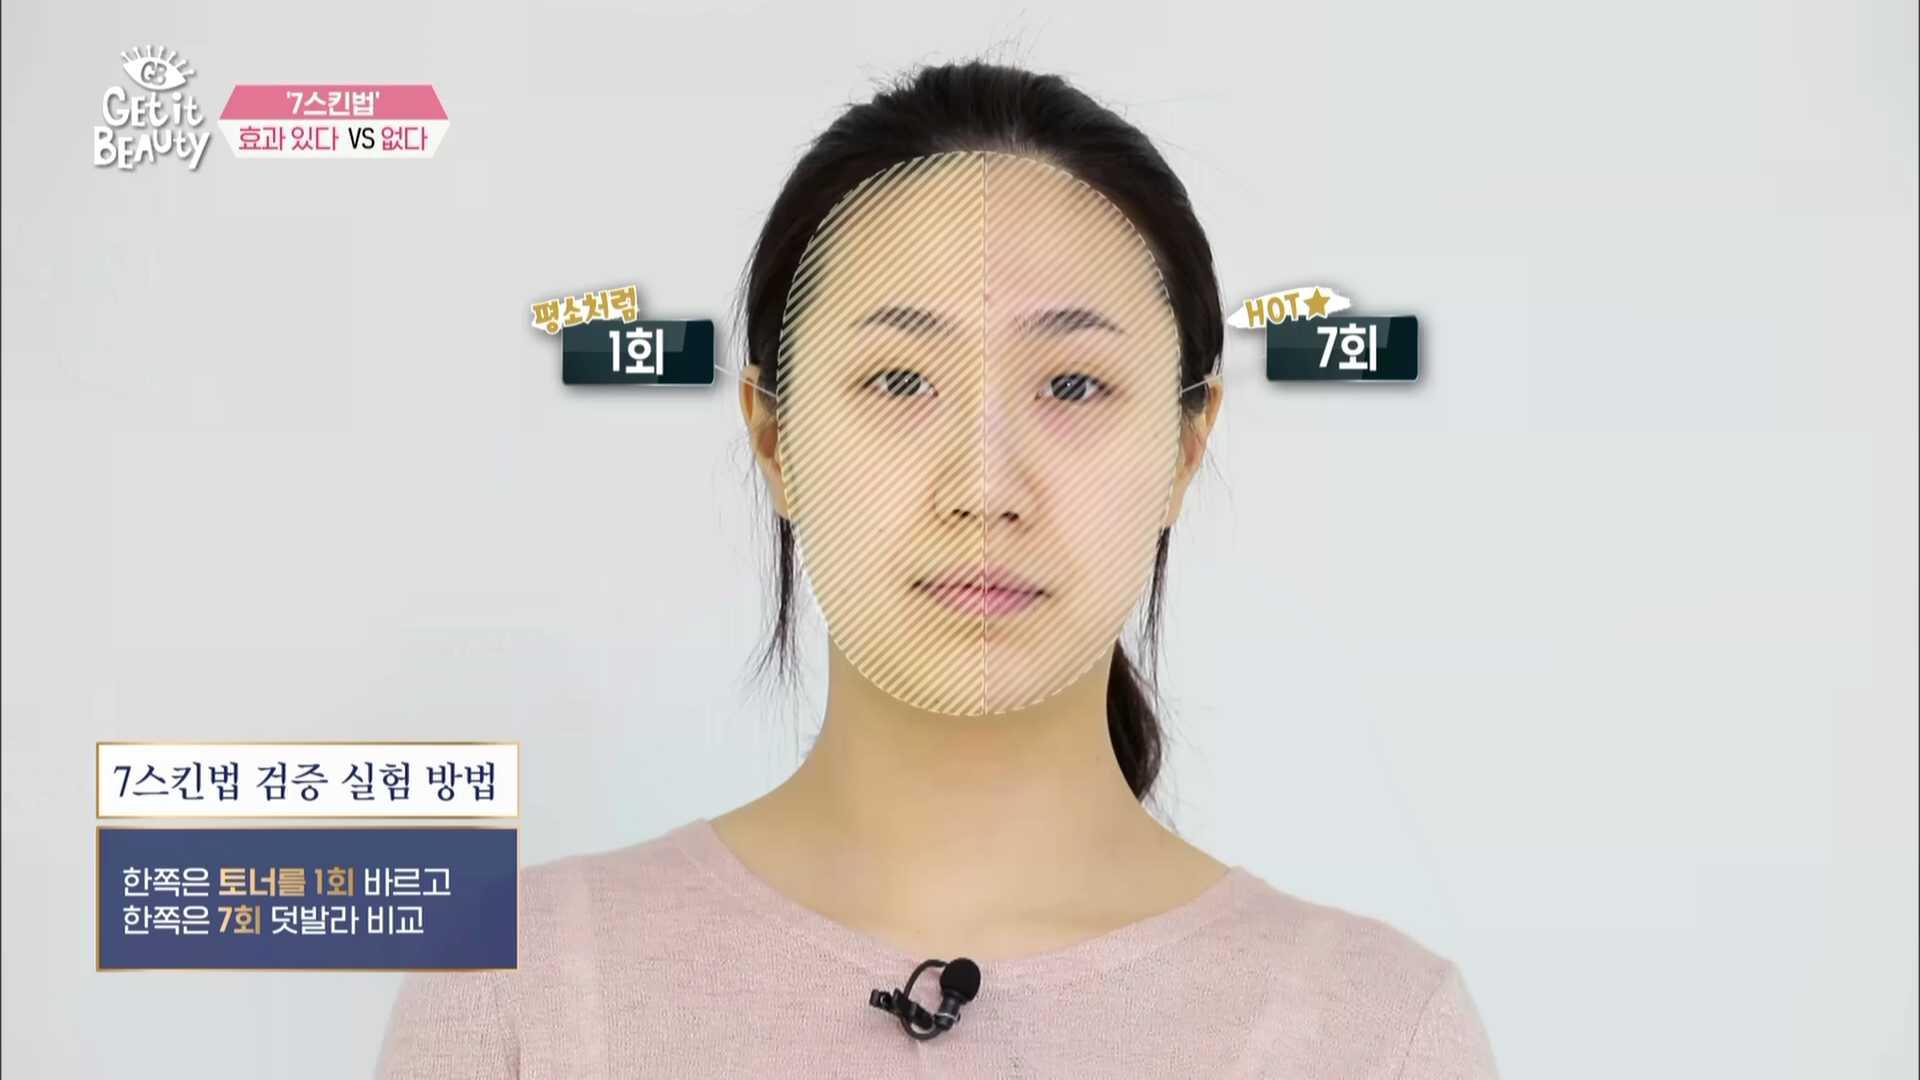 한 쪽에는 토너를 1회, 반대쪽에는 7회를 발라서 피부 표면 수분과 피부 속 수분 수치를 비교했어요~